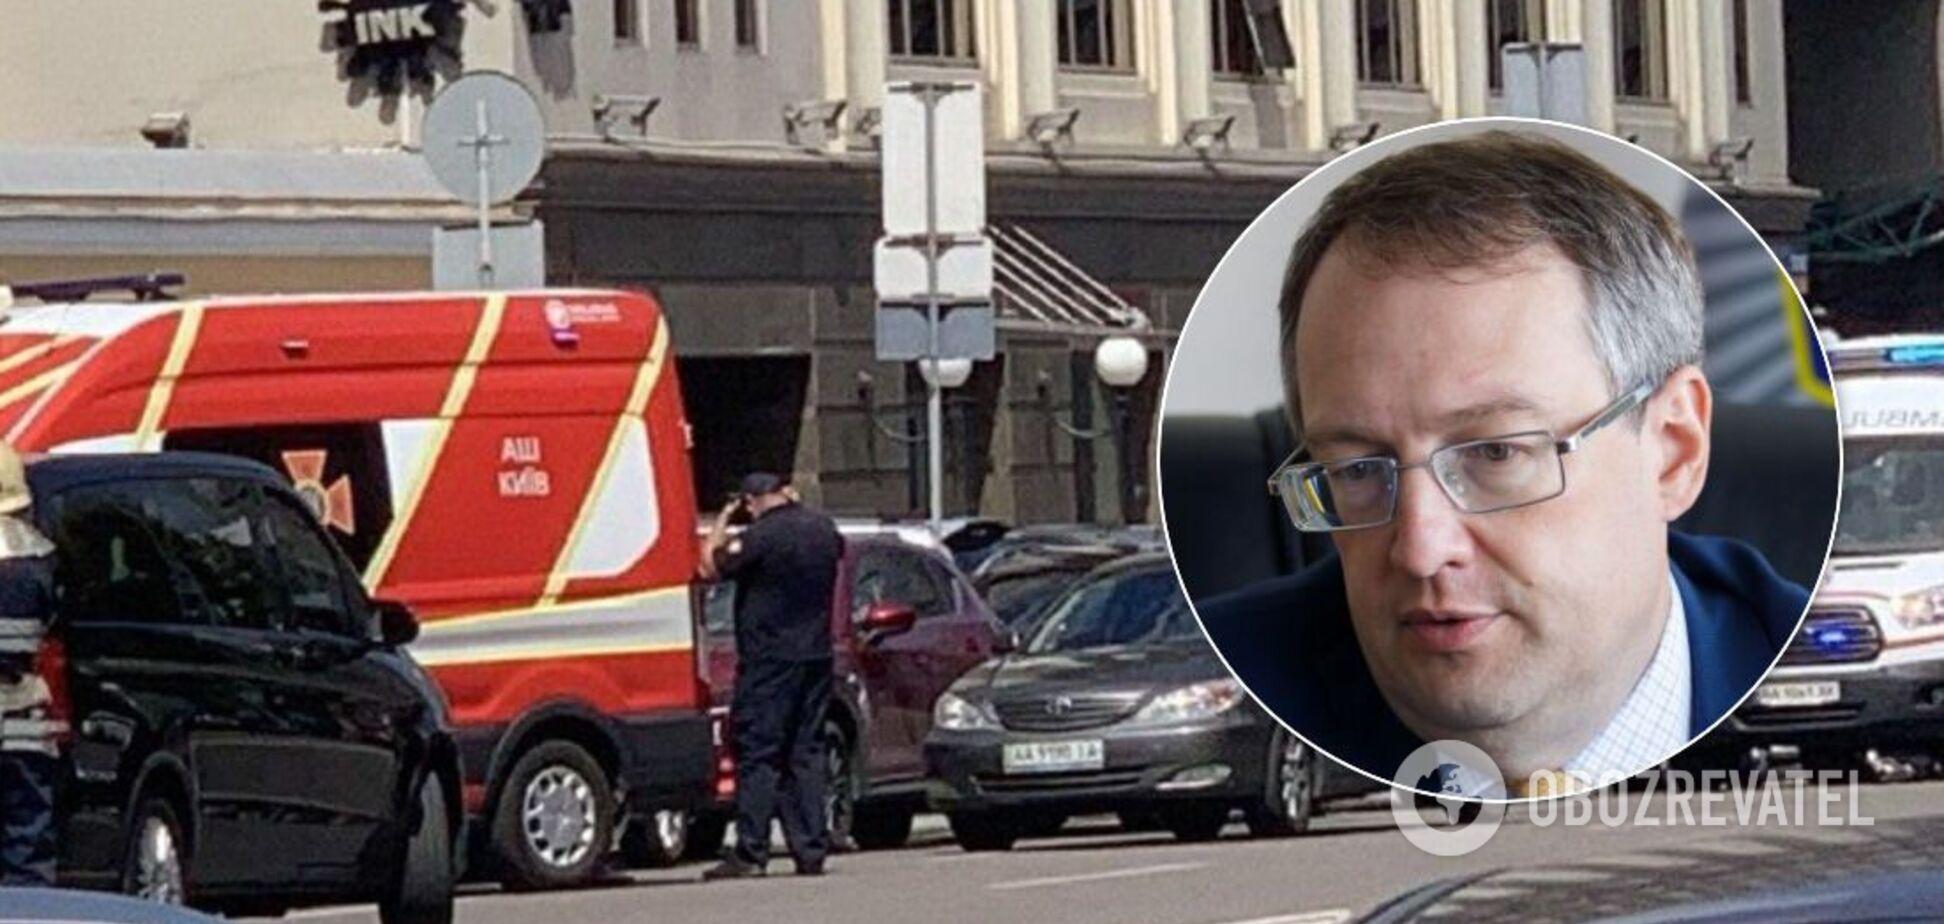 Захоплення банку в Києві: Геращенко припустив полтавський сценарій для терориста